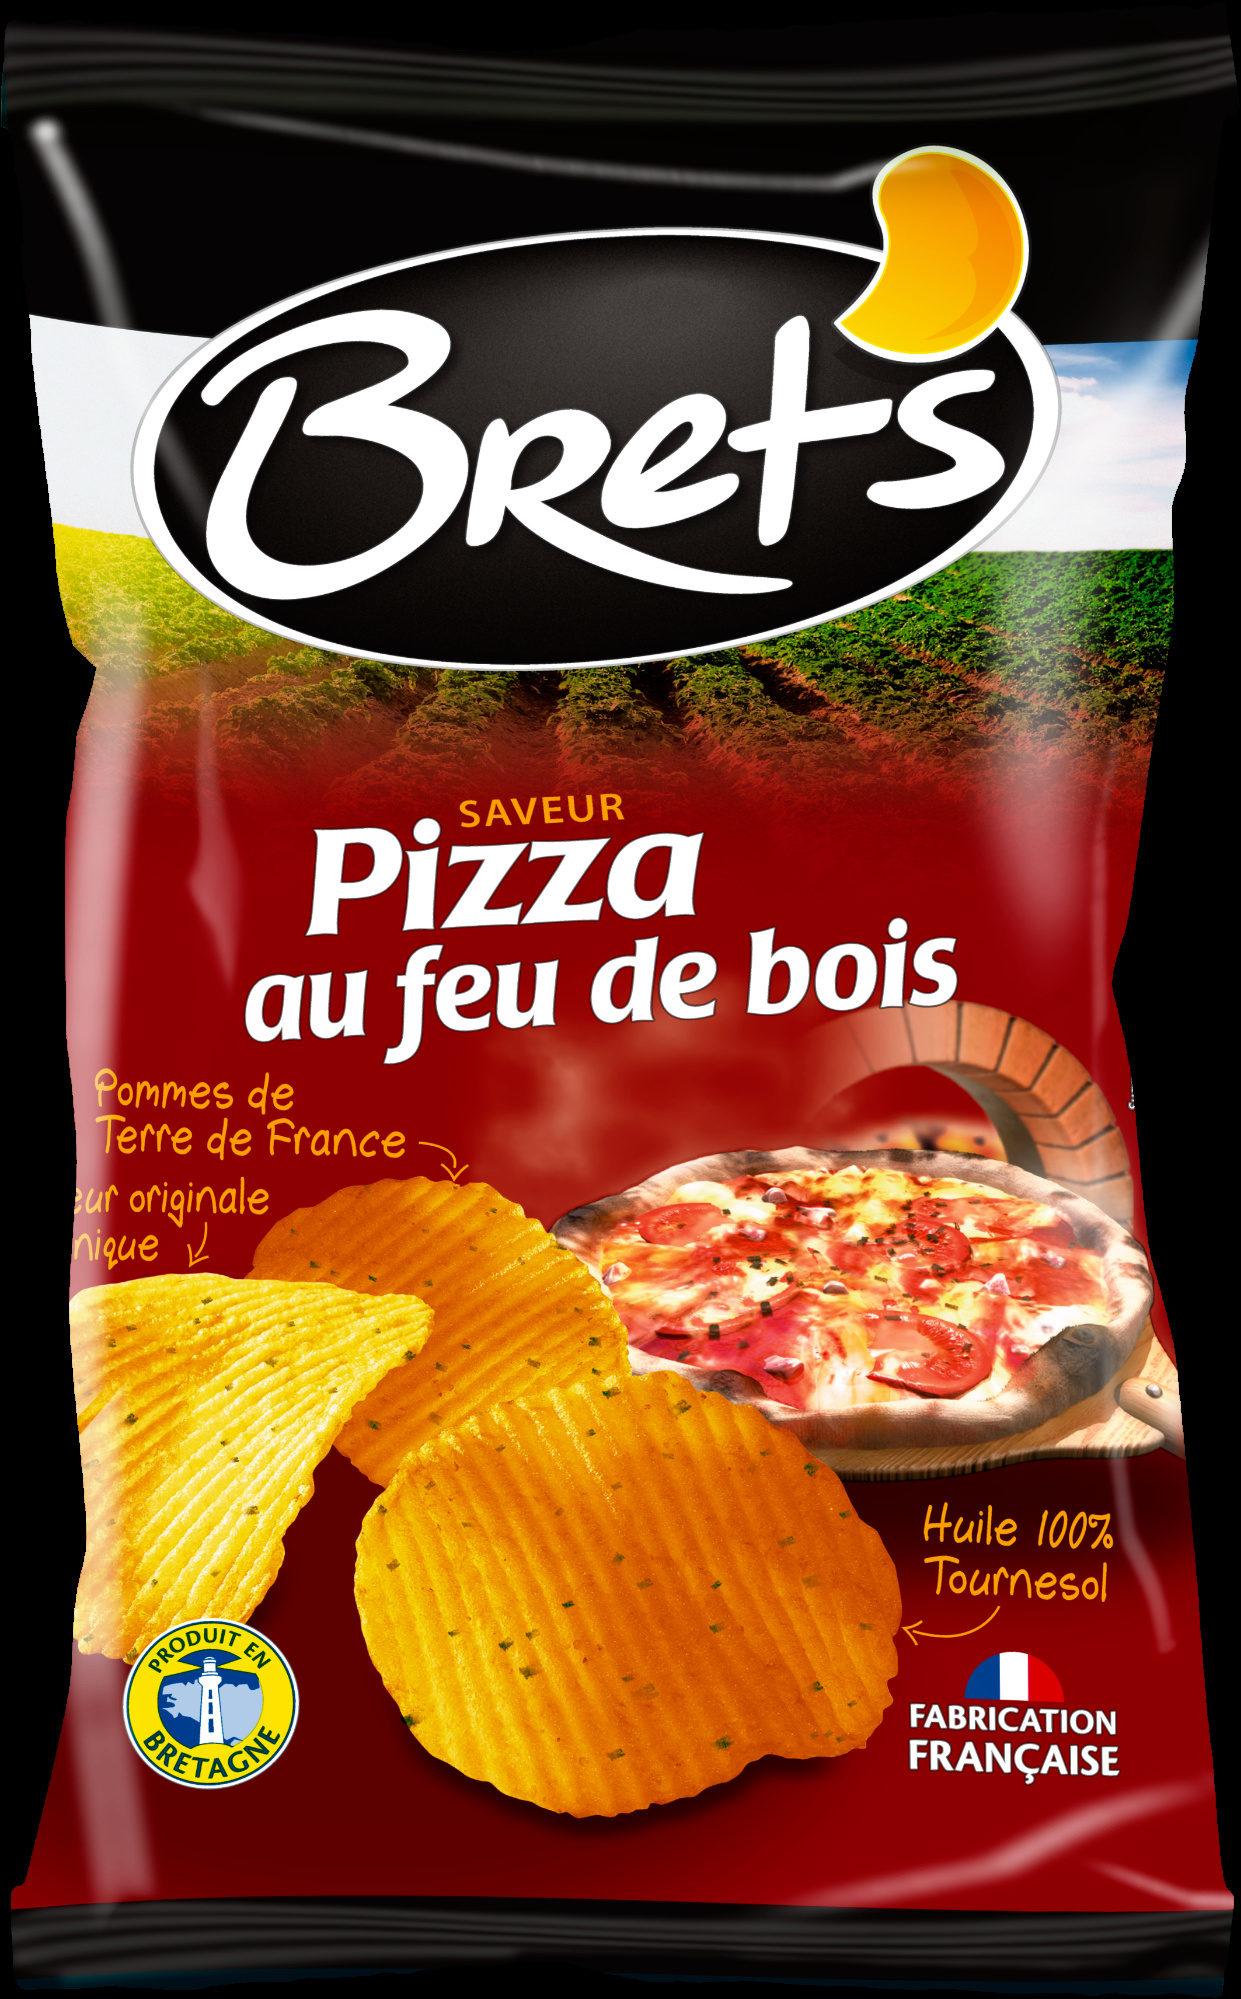 Saveur Pizza au feu de bois - Product - fr